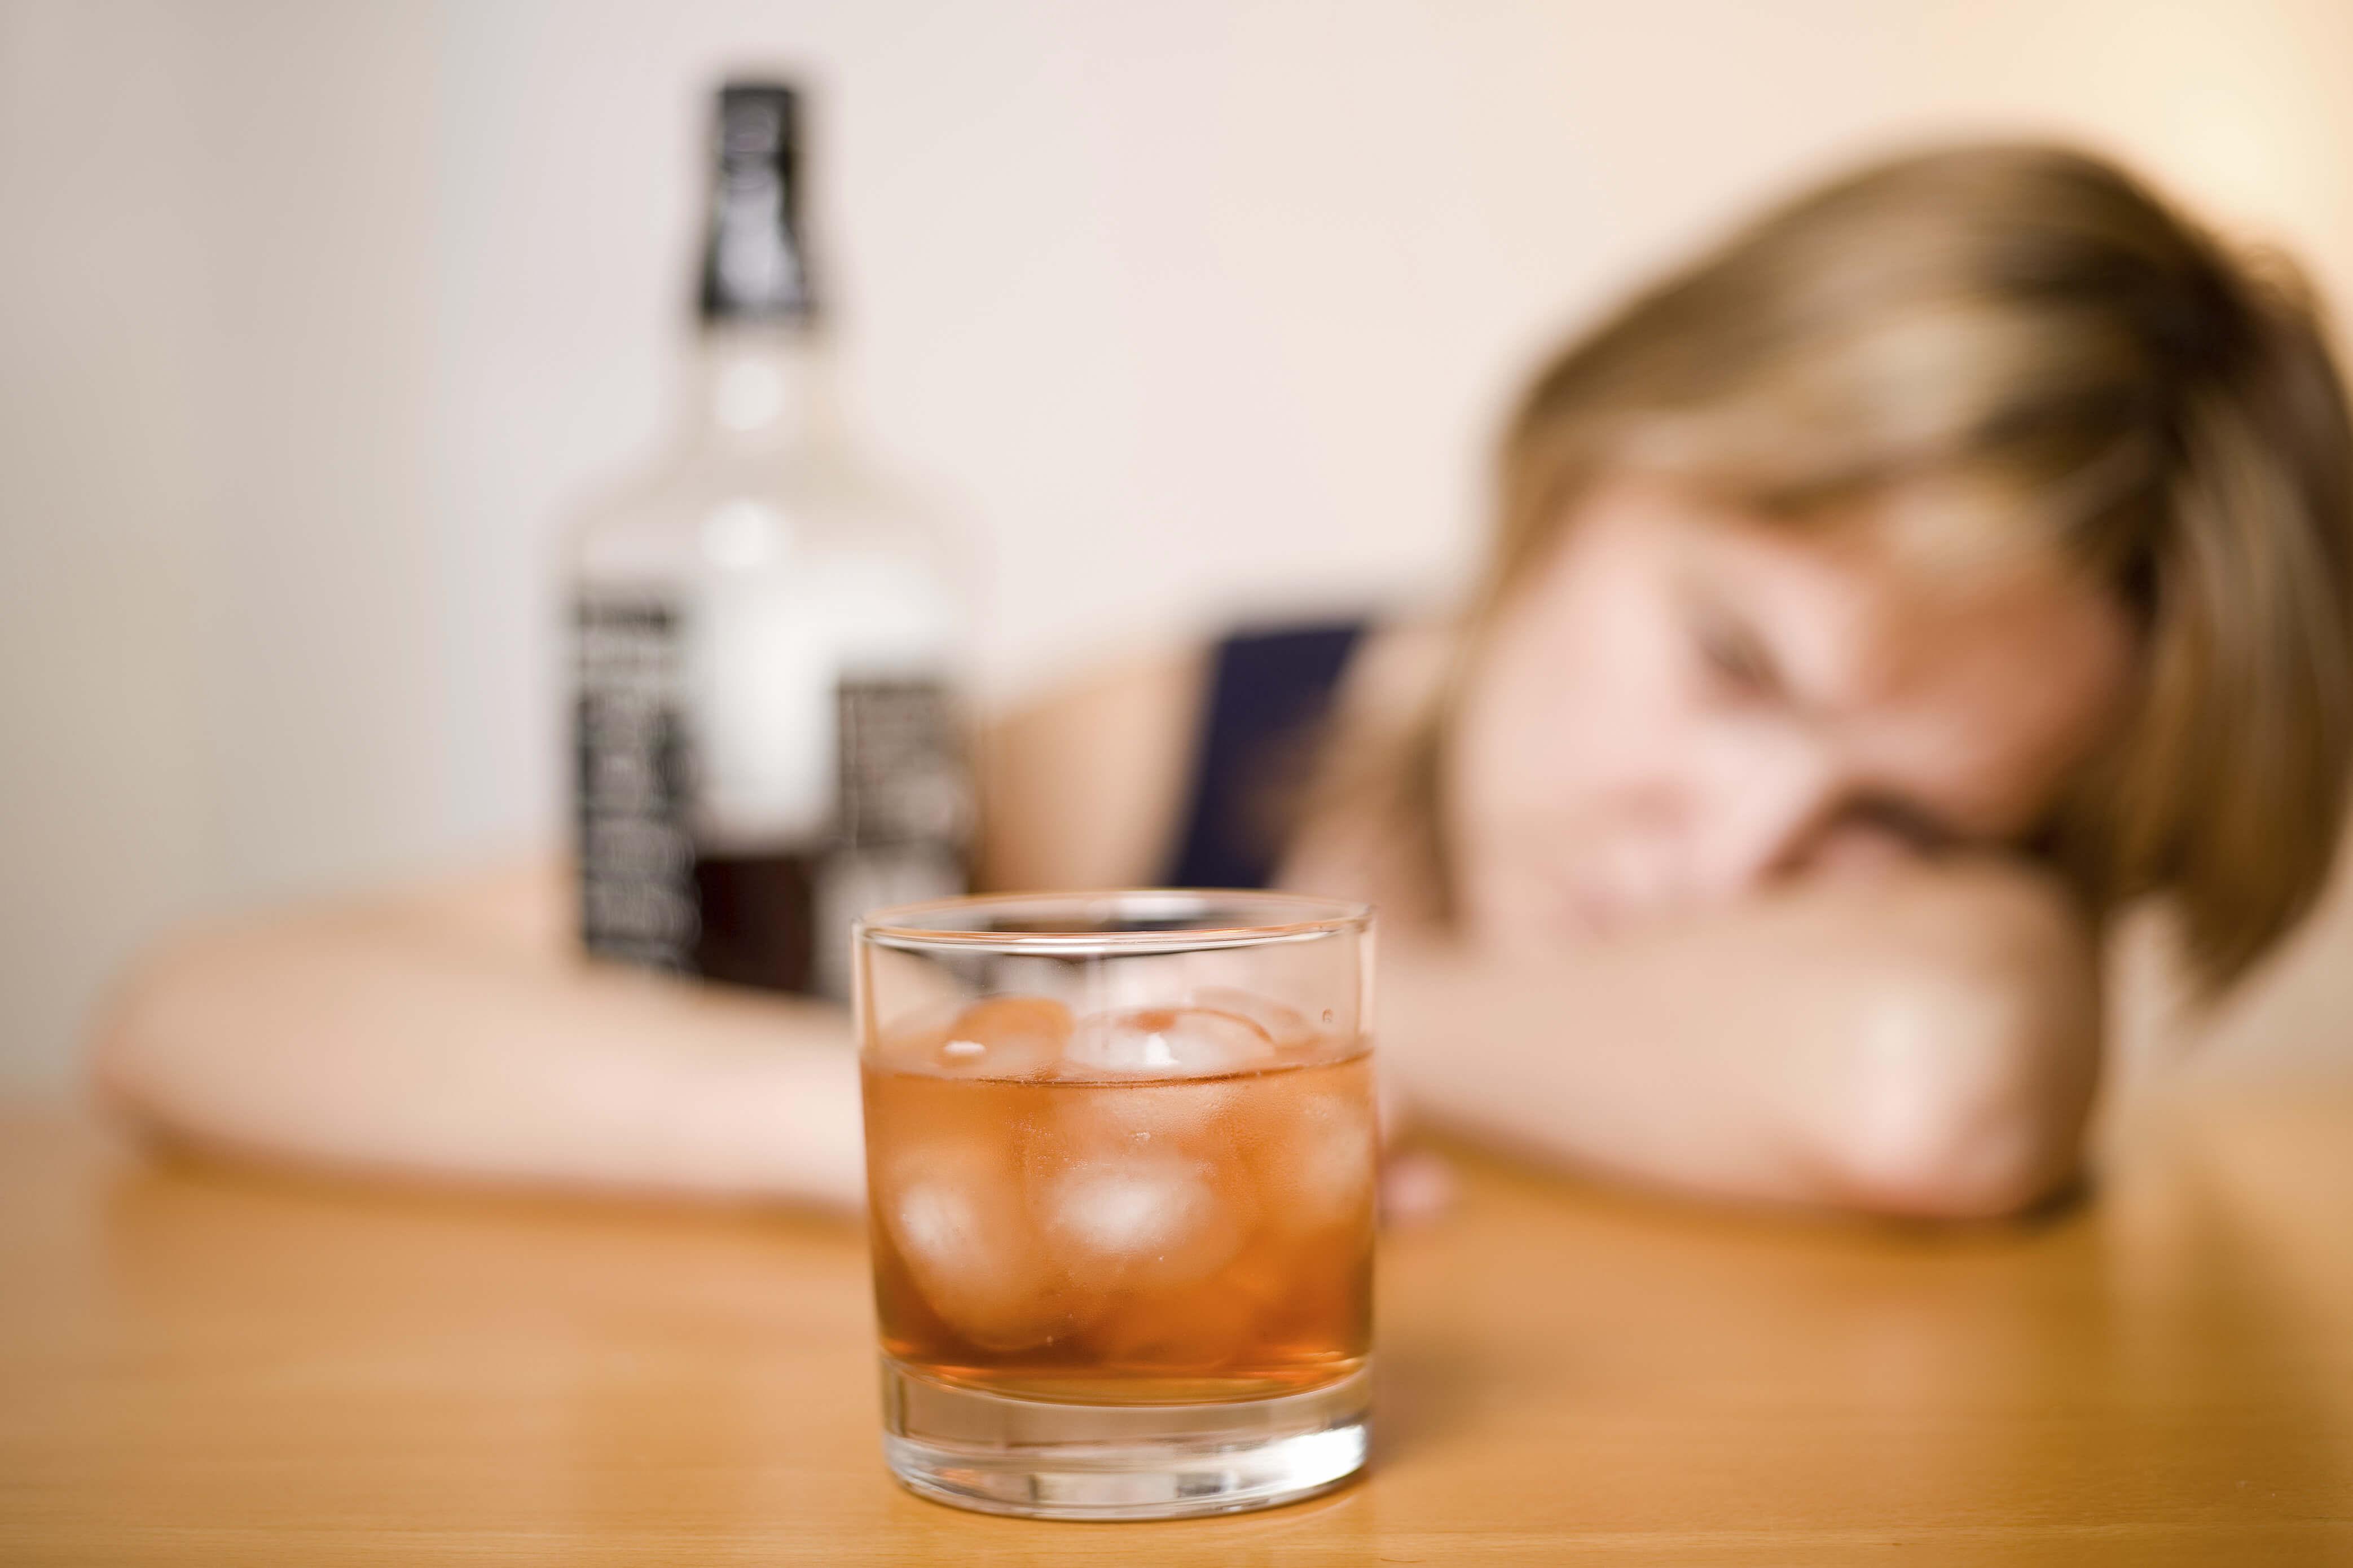 detox alcohol